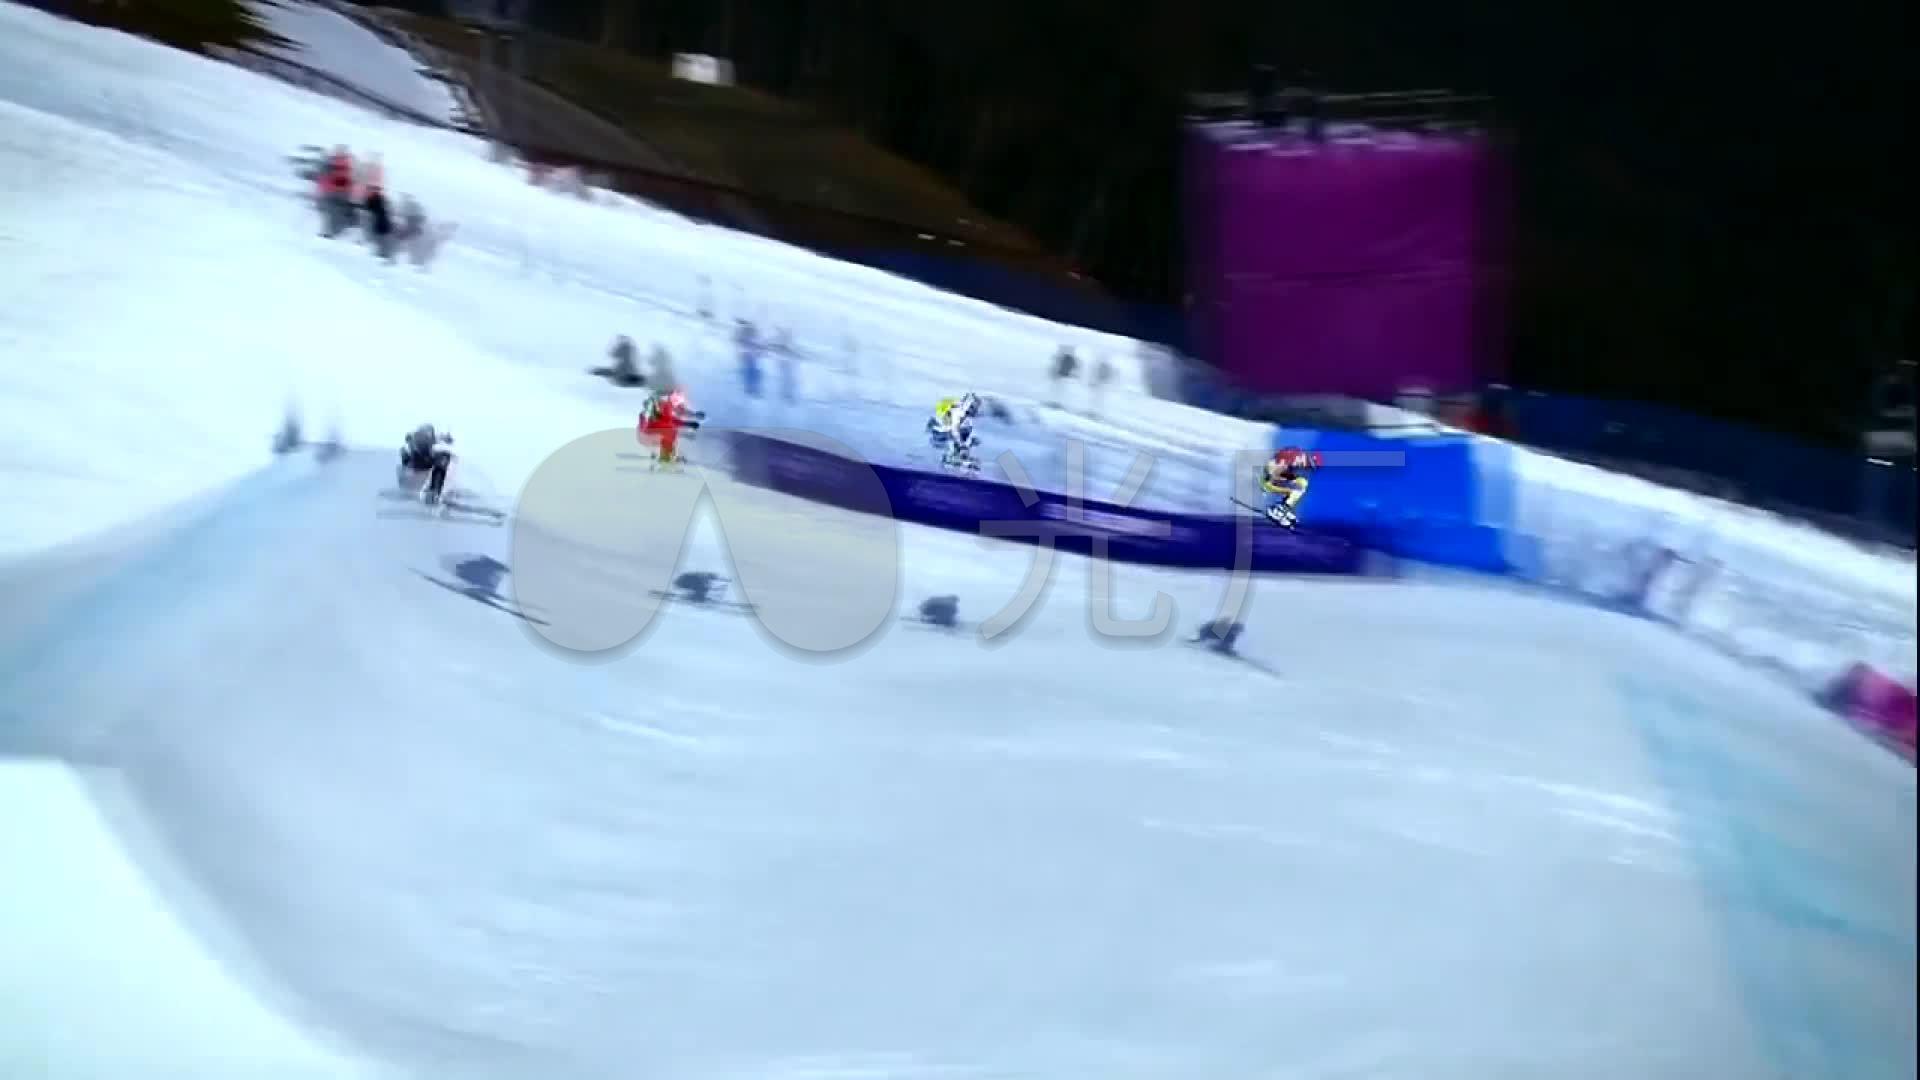 冬季竞技溪河运动员射箭滑雪体育奥运滑板_夹中国漂流和香溪图片